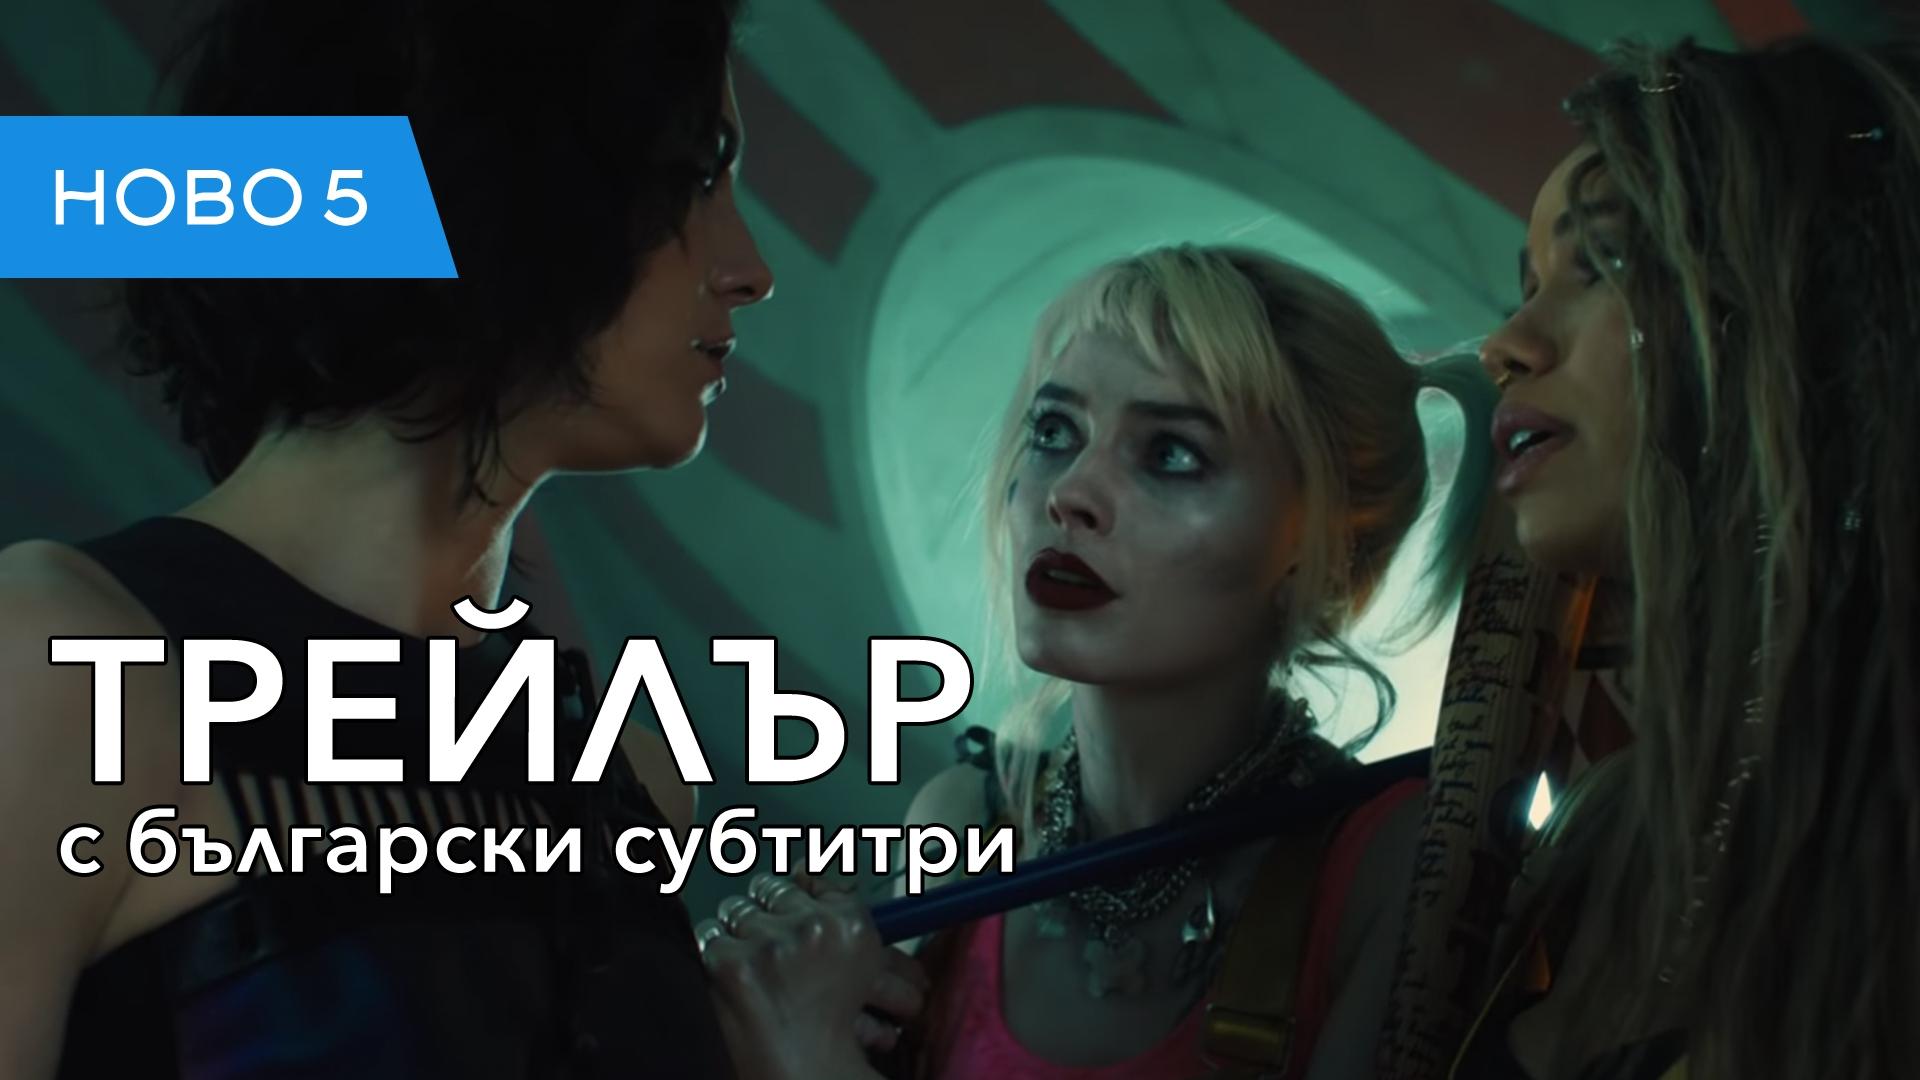 ХИЩНИ ПТИЦИ и фантастичната еманципация на Харли Куин (2020) втори трейлър с български субтитри